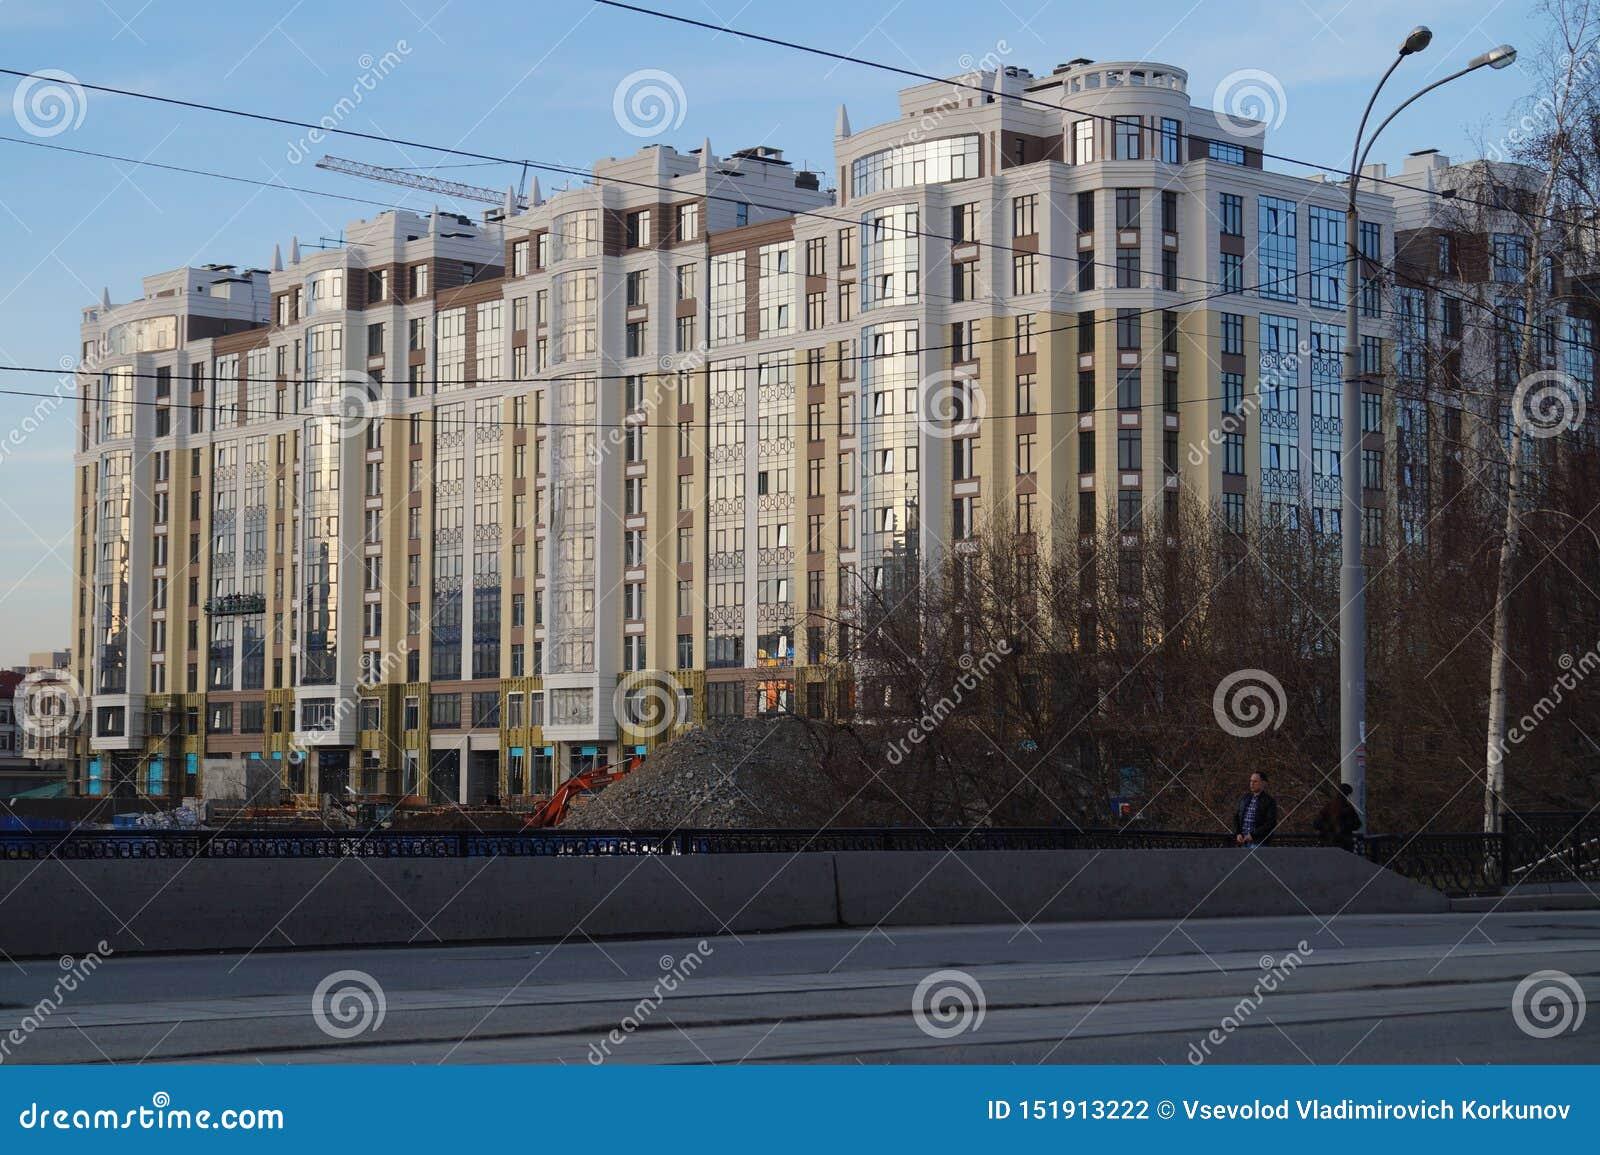 Paisaje urbano: construcción del complejo residencial 'Riviera ', calle de 34a Gorki